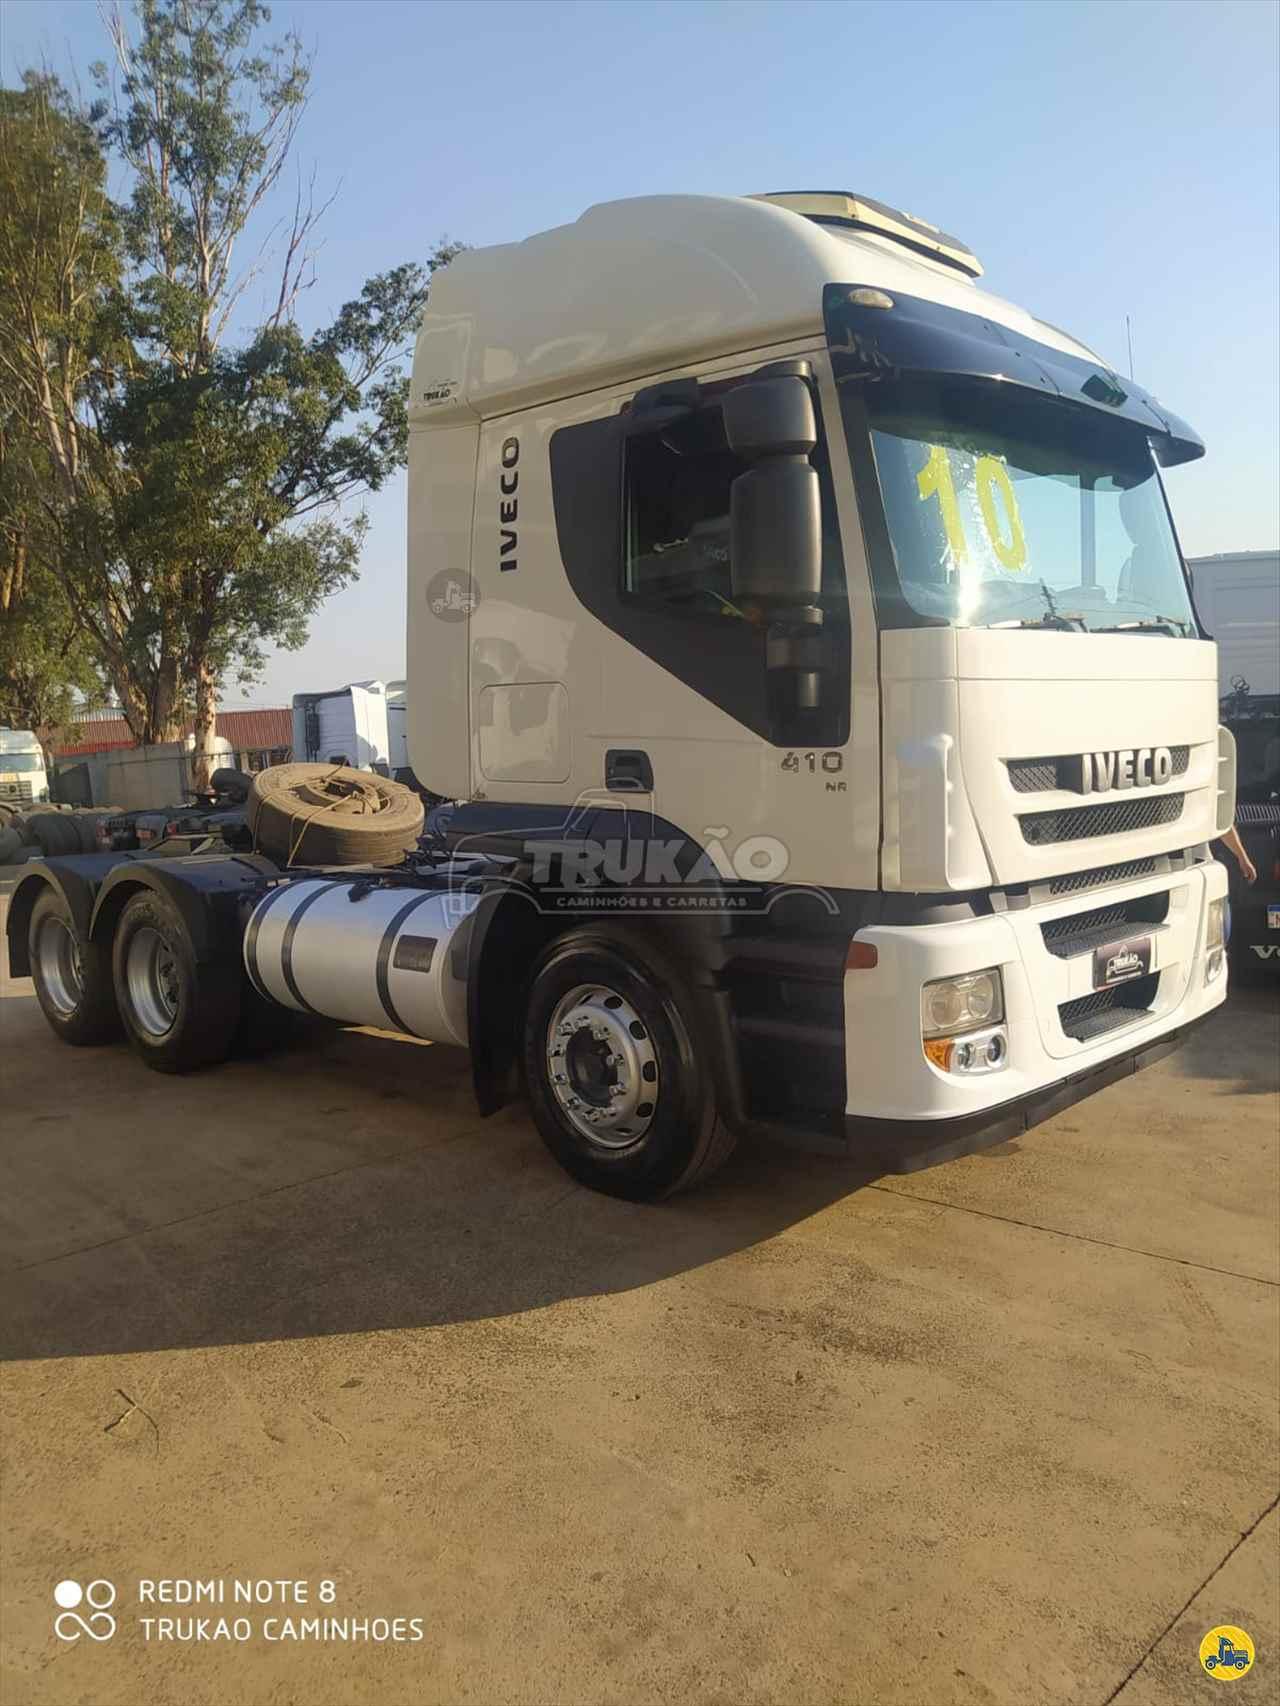 CAMINHAO IVECO STRALIS 570 Cavalo Mecânico Truck 6x2 Trukão Caminhões JACUTINGA MINAS GERAIS MG